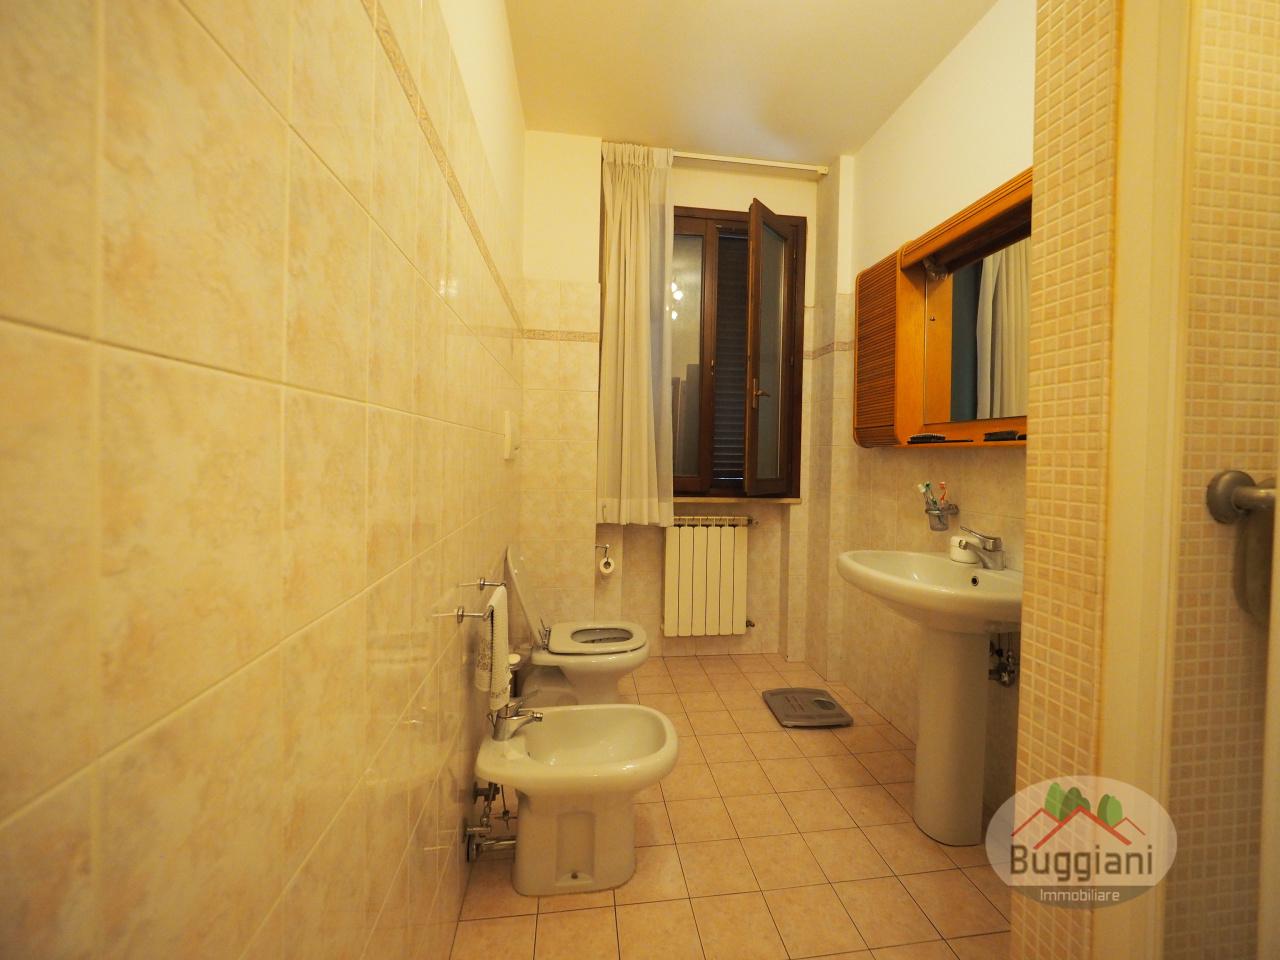 Appartamento in vendita RIF. 1754, Cerreto Guidi (FI)